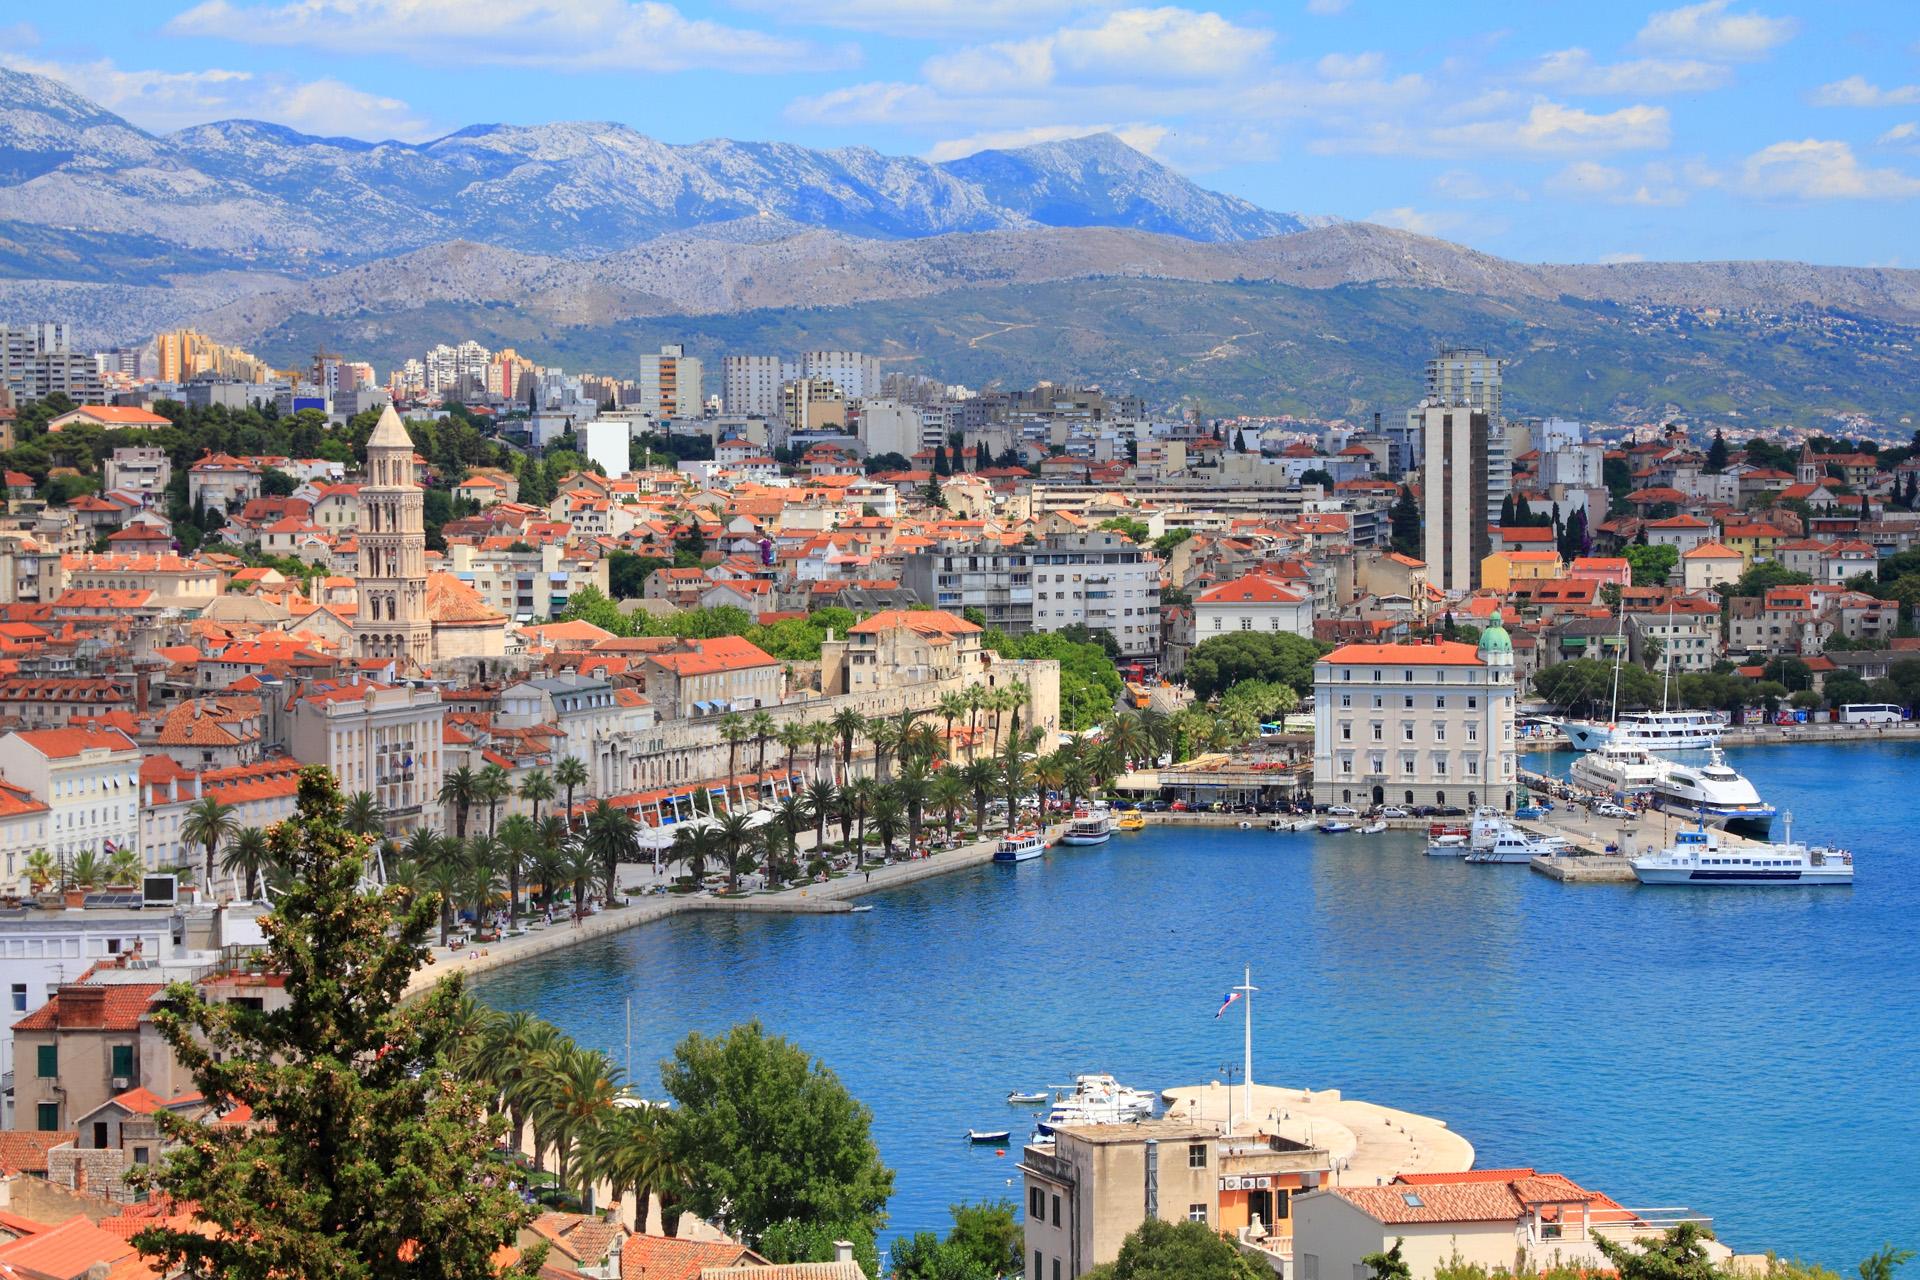 La ciudad antigua de Split es una joya arquitectónica, declarada Patrimonio de la Humanidad en 1979 (iStock)